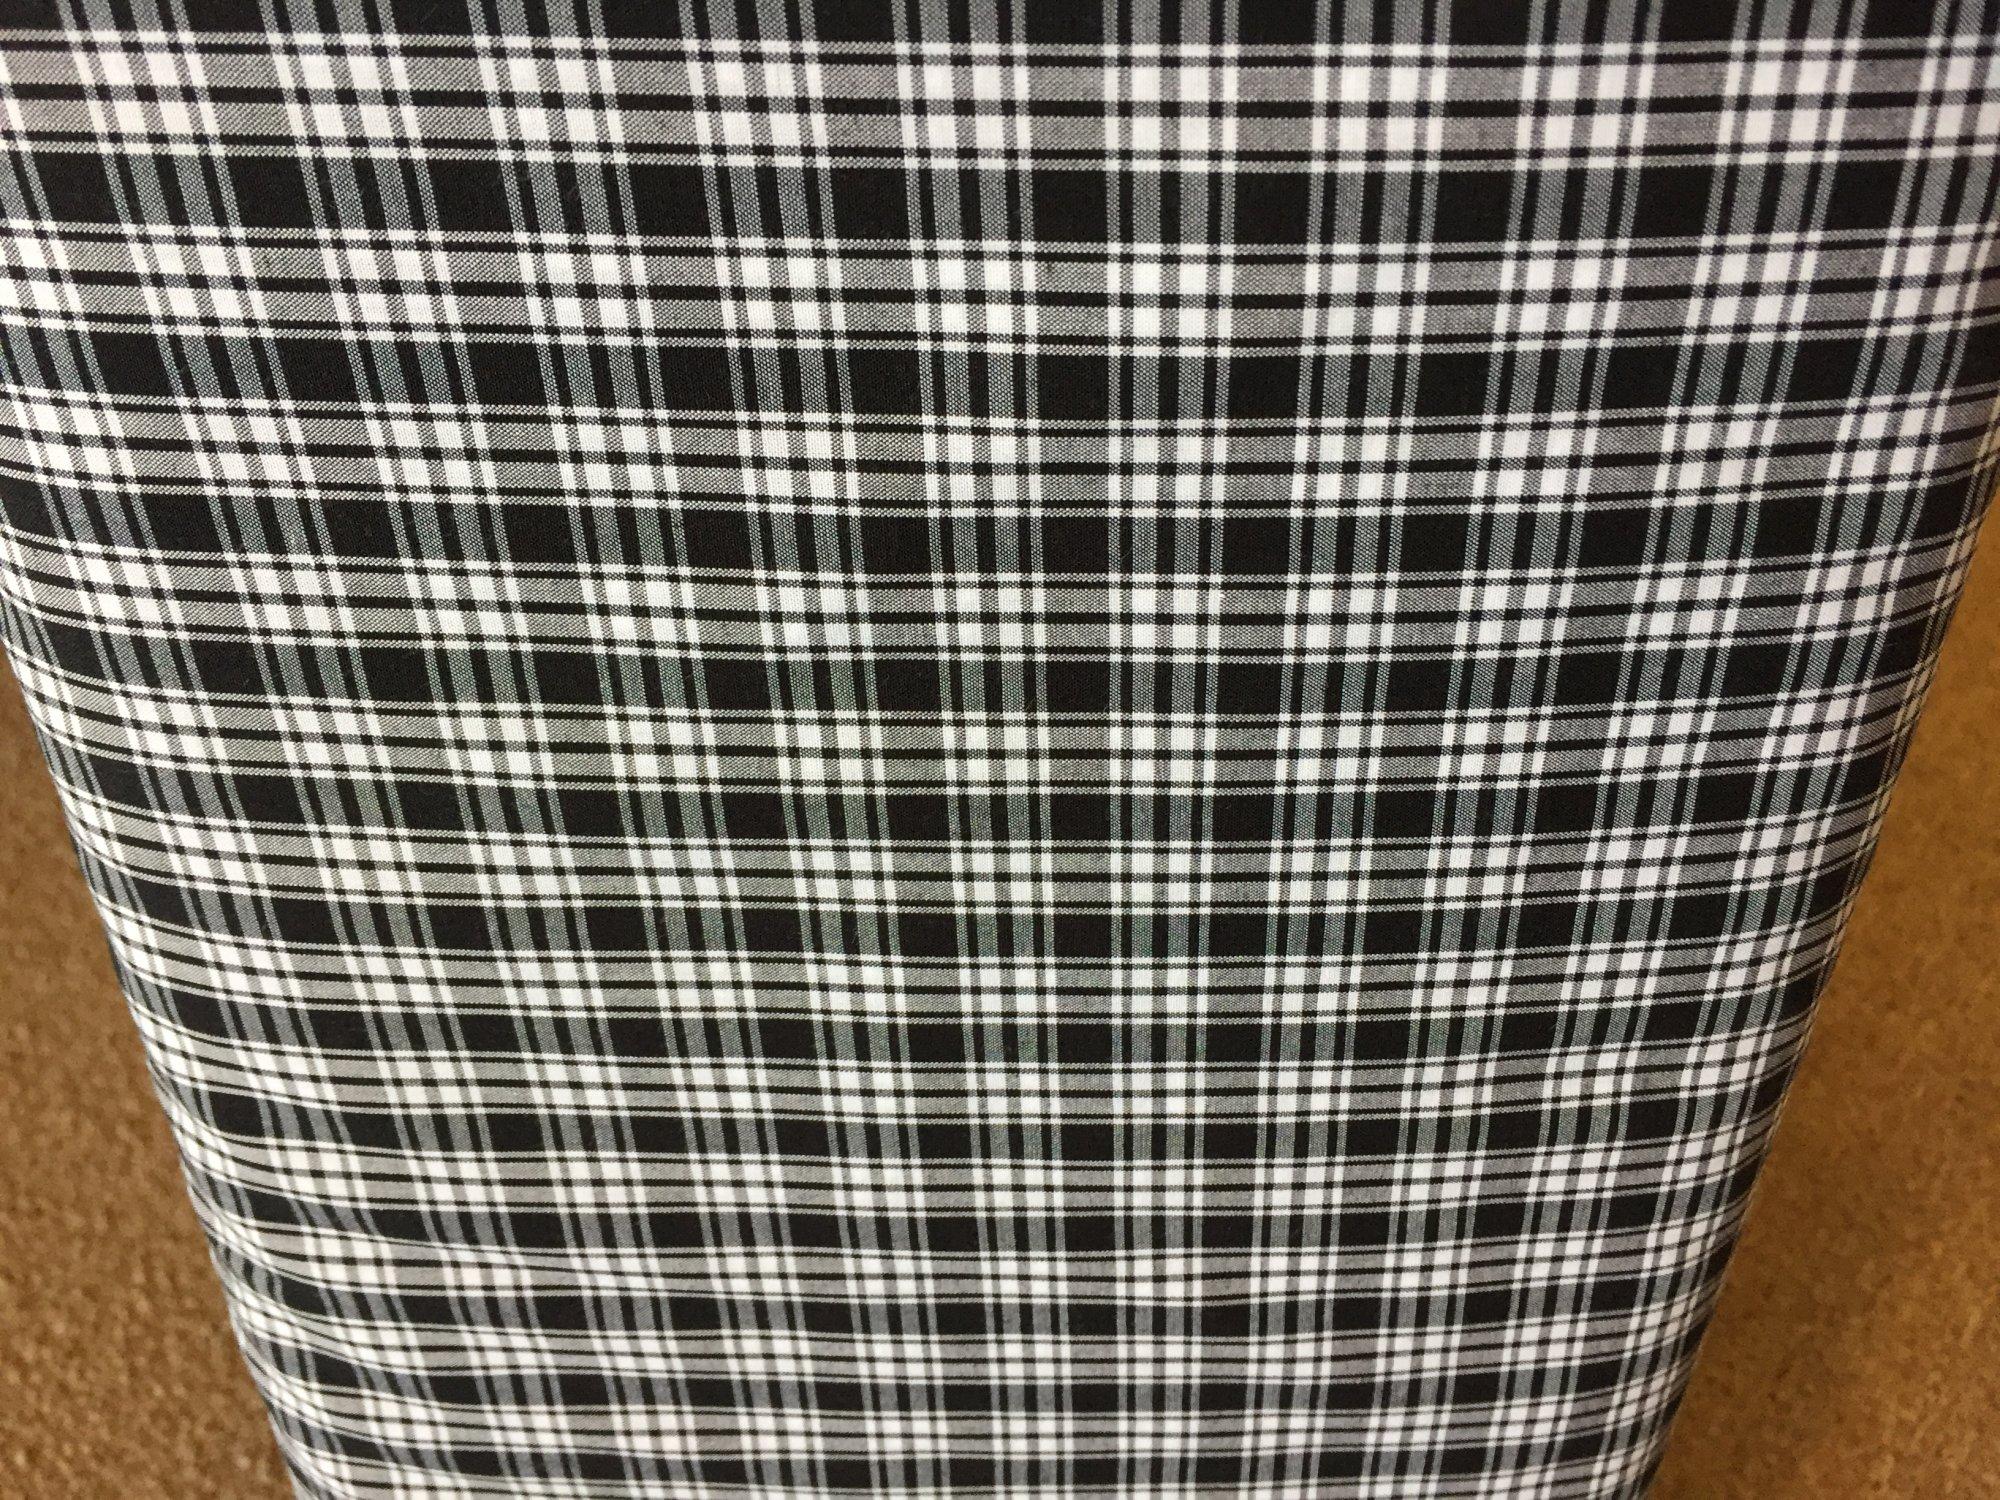 Tartan Cotton Black and White